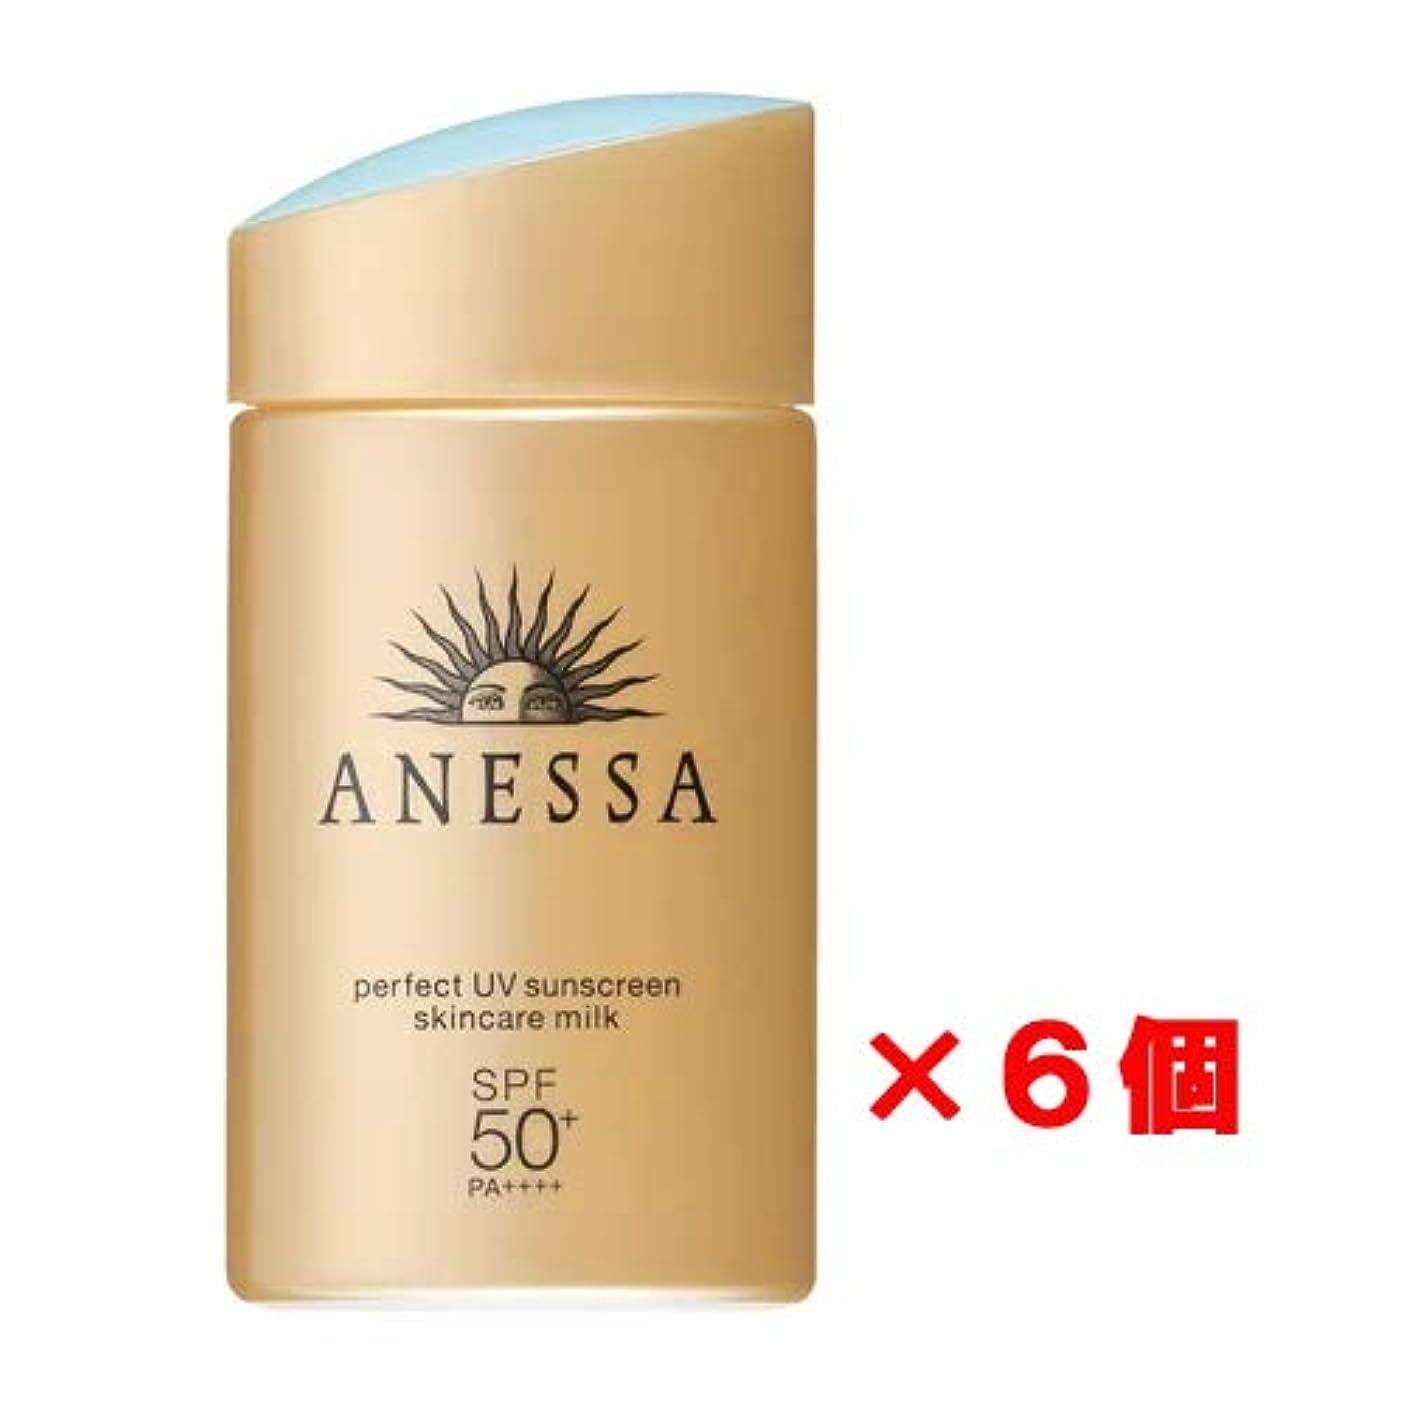 差別化する証人資産アネッサ パーフェクトUV スキンケアミルク SPF50+/PA++++ 60mL ×6個セット